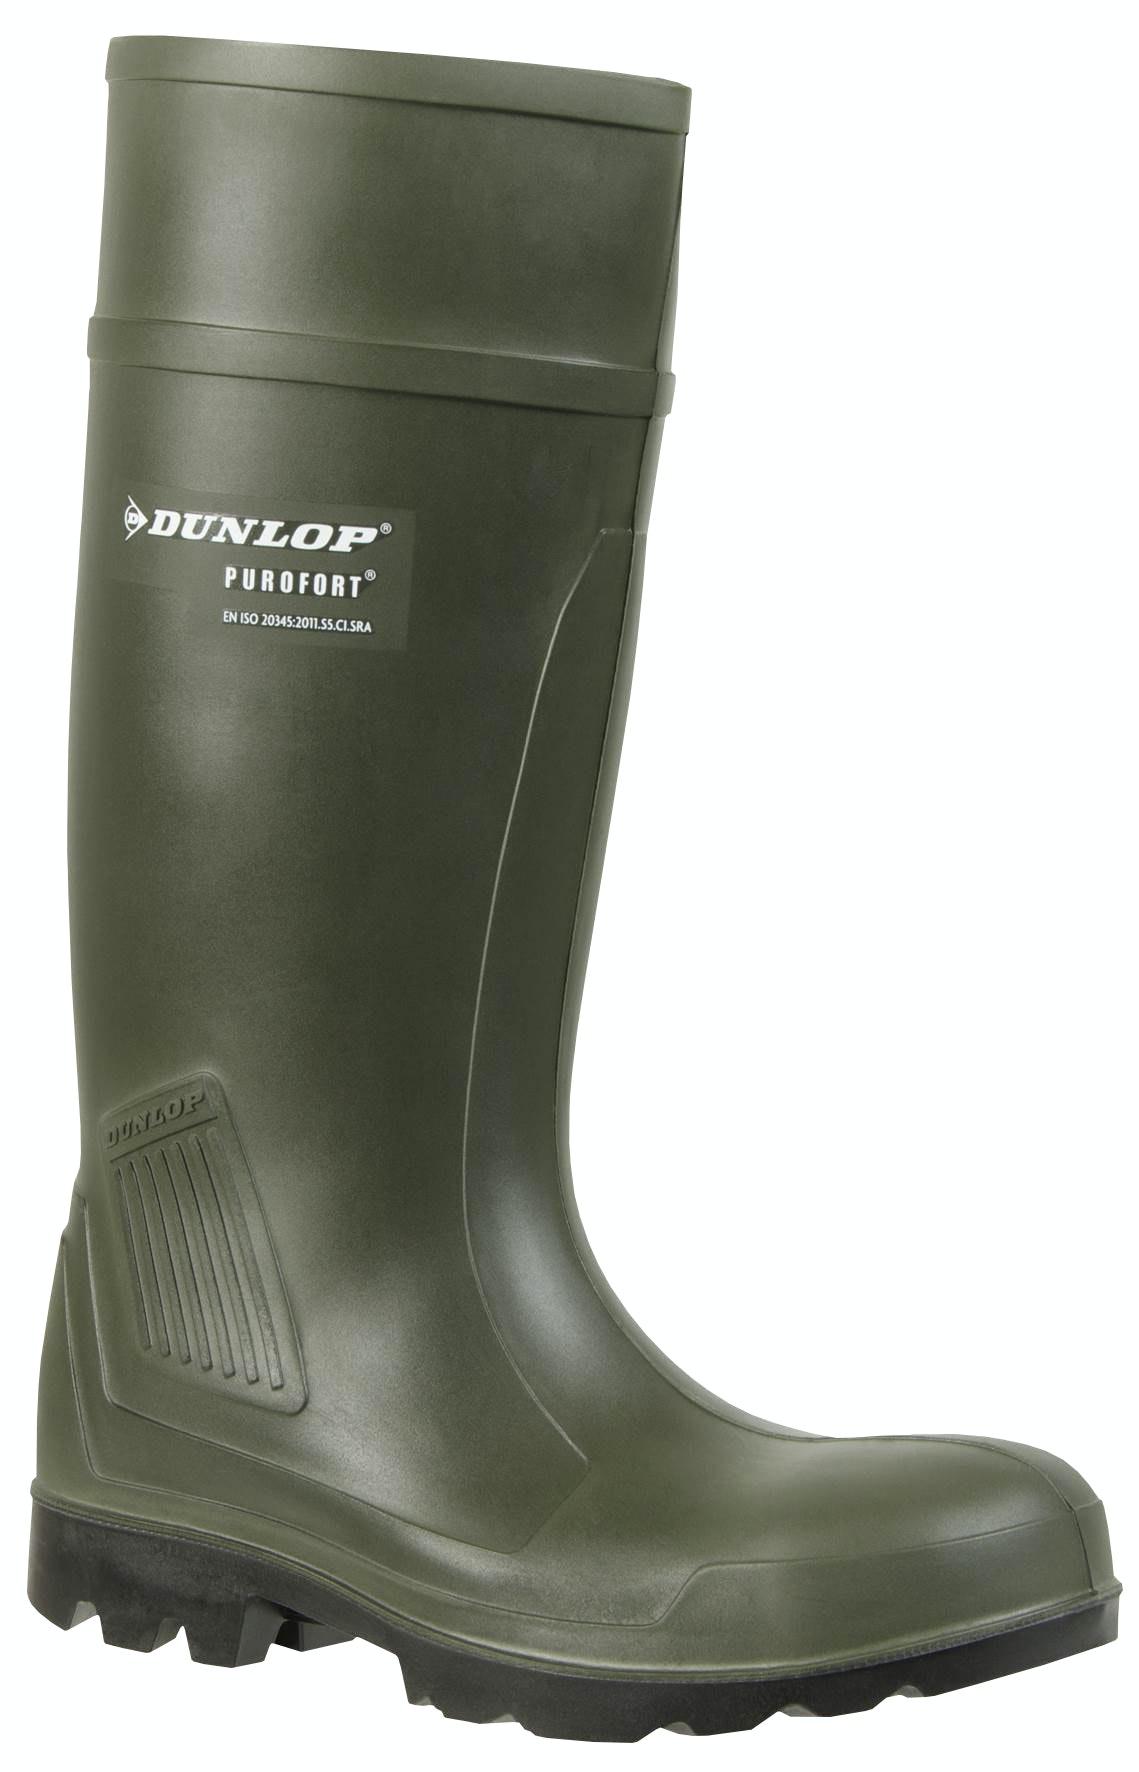 Skyddsstövel Dunlop Purofort Strl 44